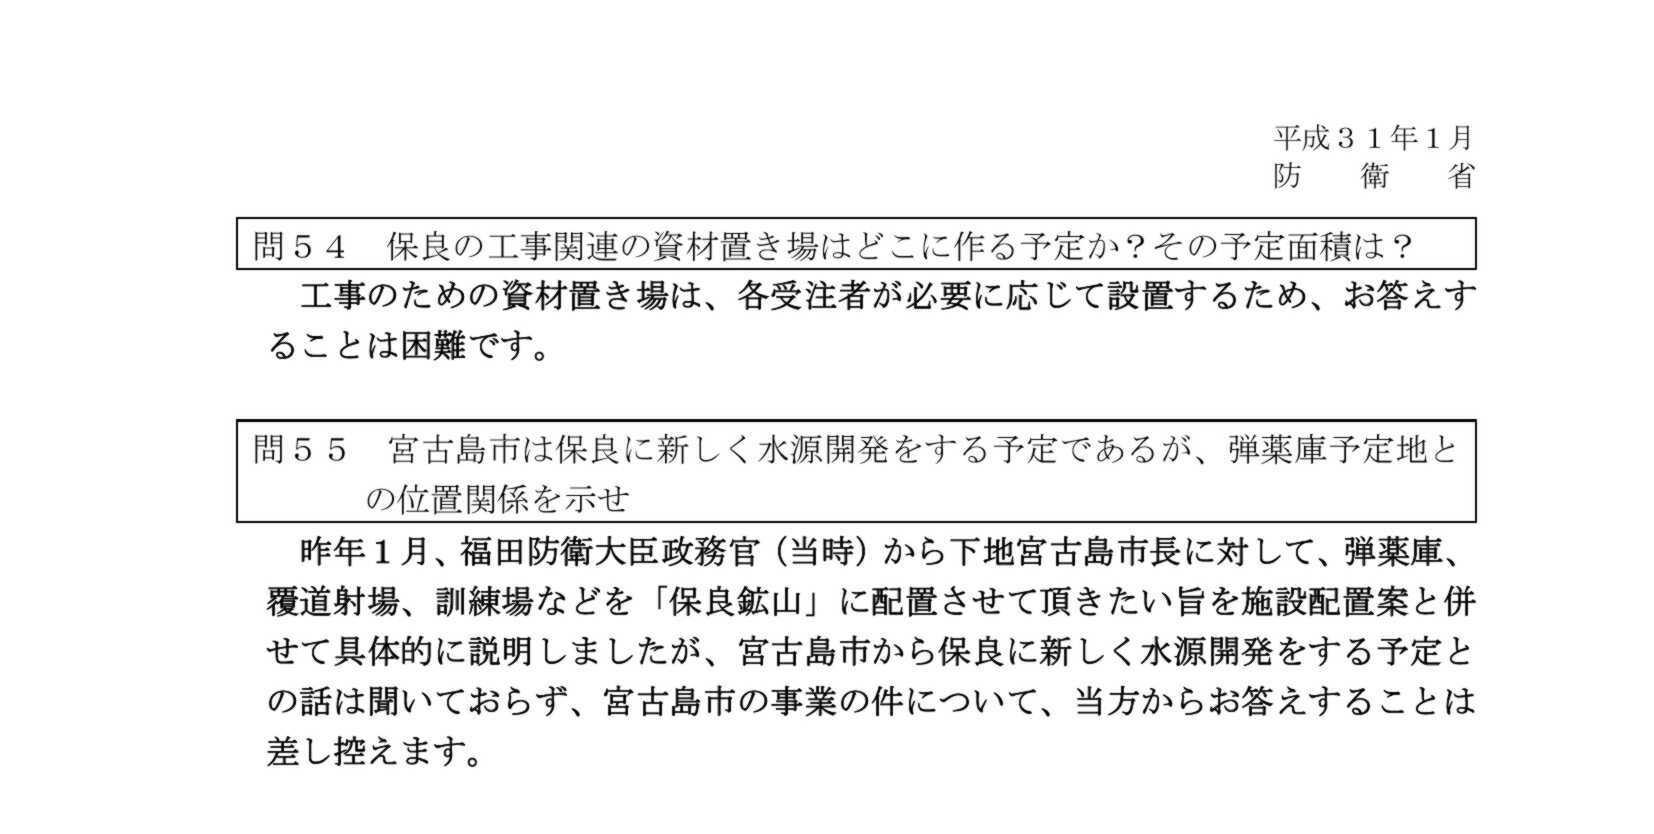 201901防衛省回答0013